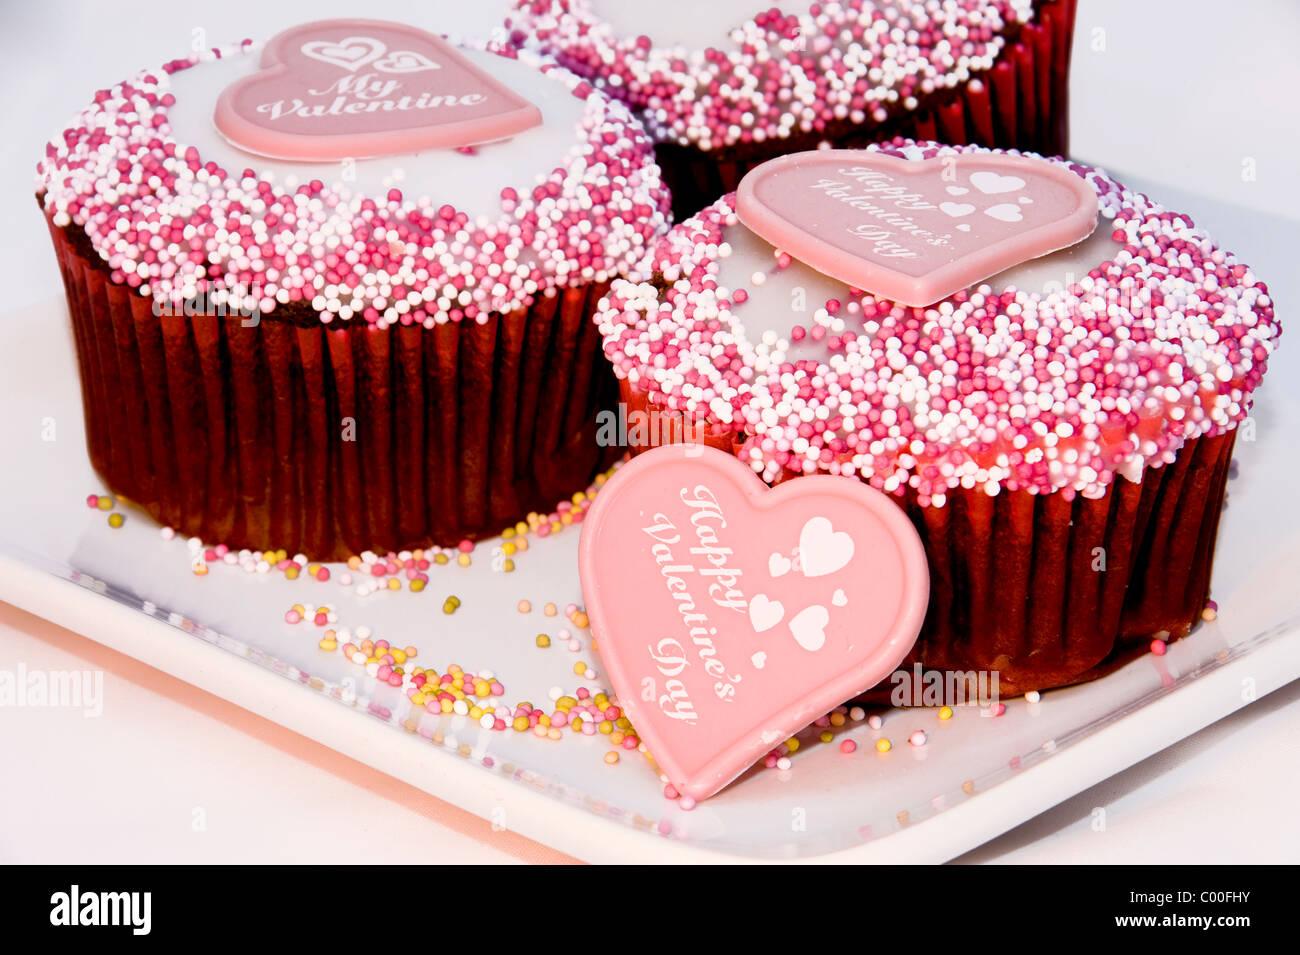 Valentinstag Kuchen Mit Rosa Marzipan Herzen Dekoration Auf Der